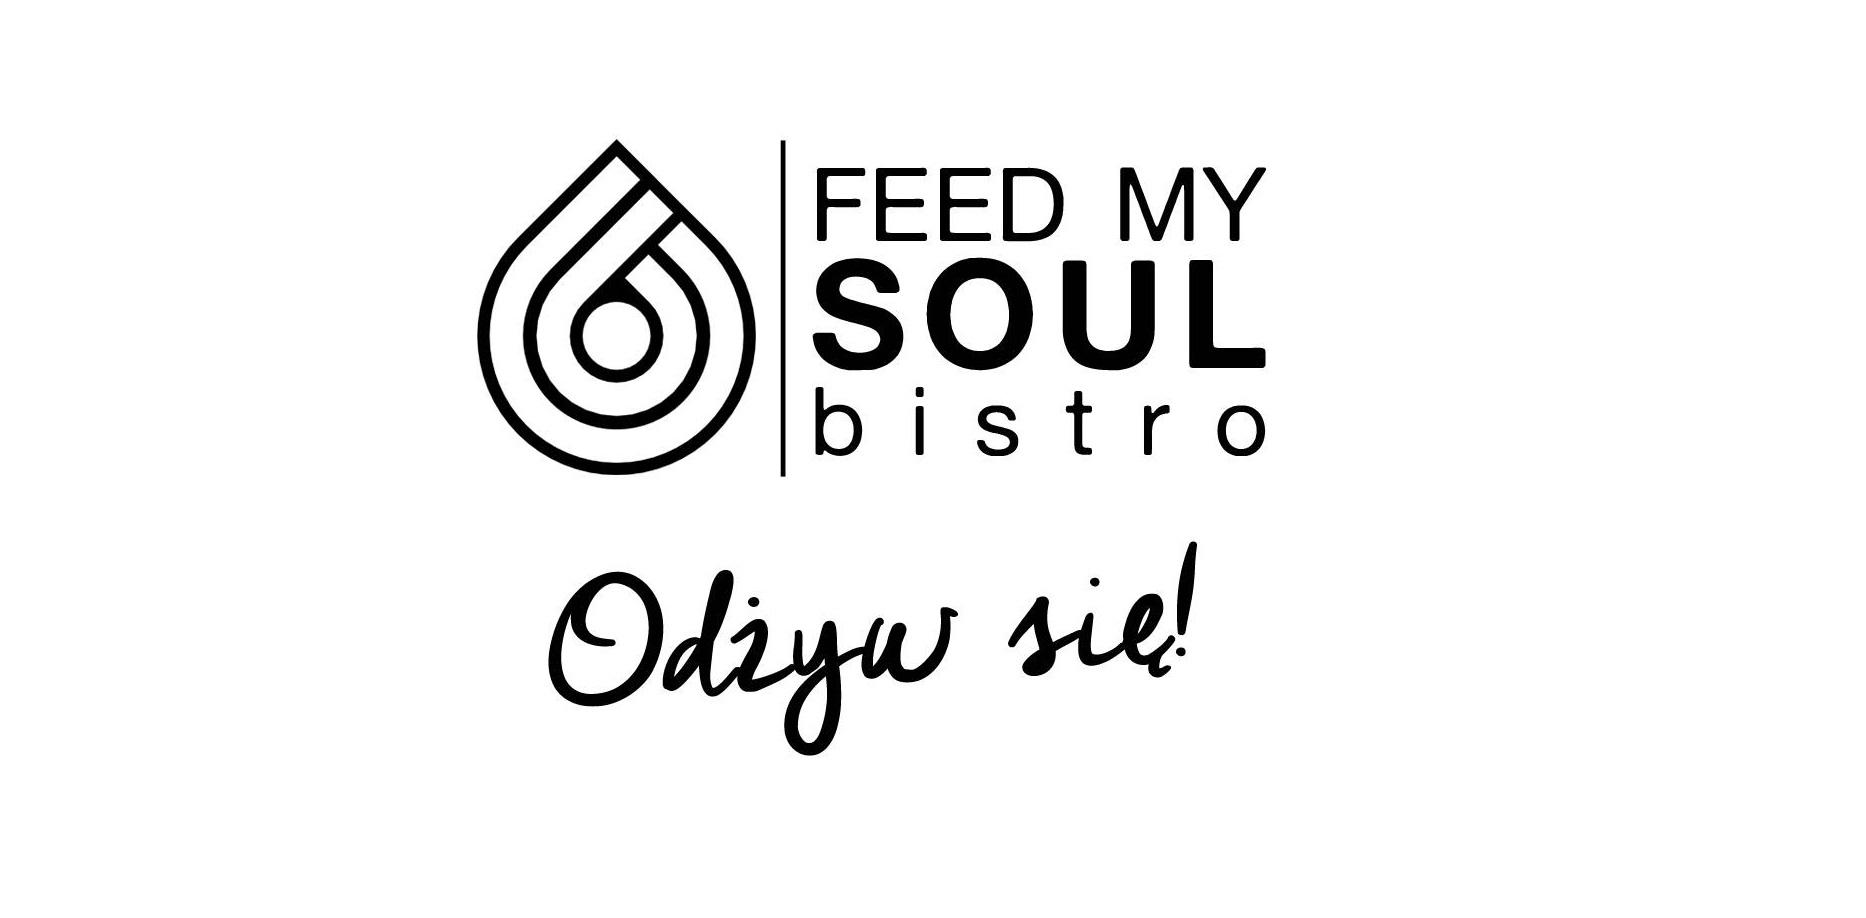 Tejsti Testy: Feed My Soul Bistro [Gdynia]